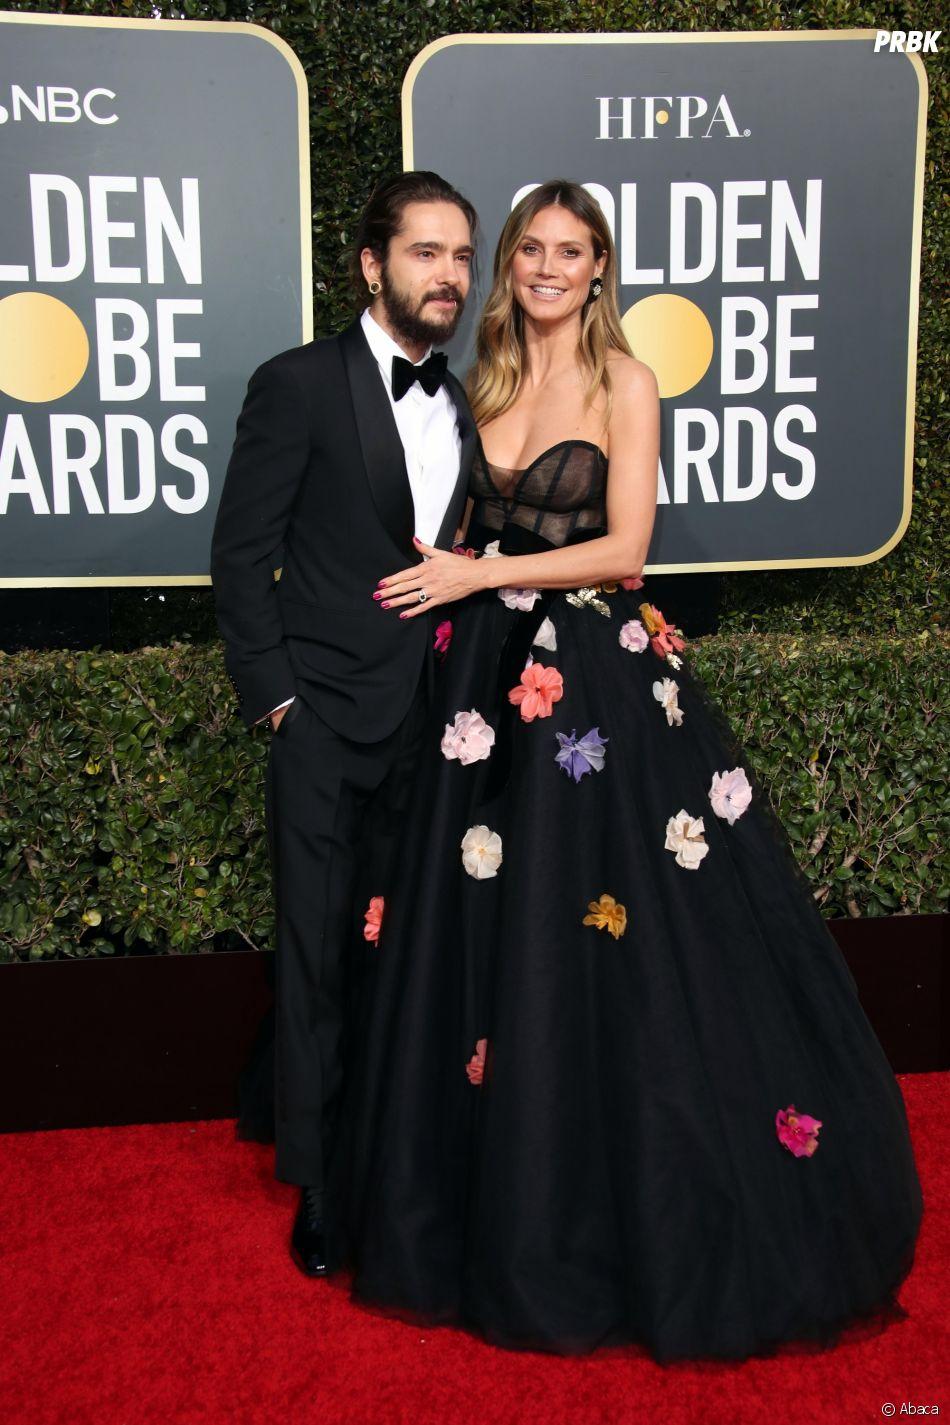 Heidi Klum et Tom Kaulitz sur le tapis rouge des Golden Globes le 6 janvier 2019